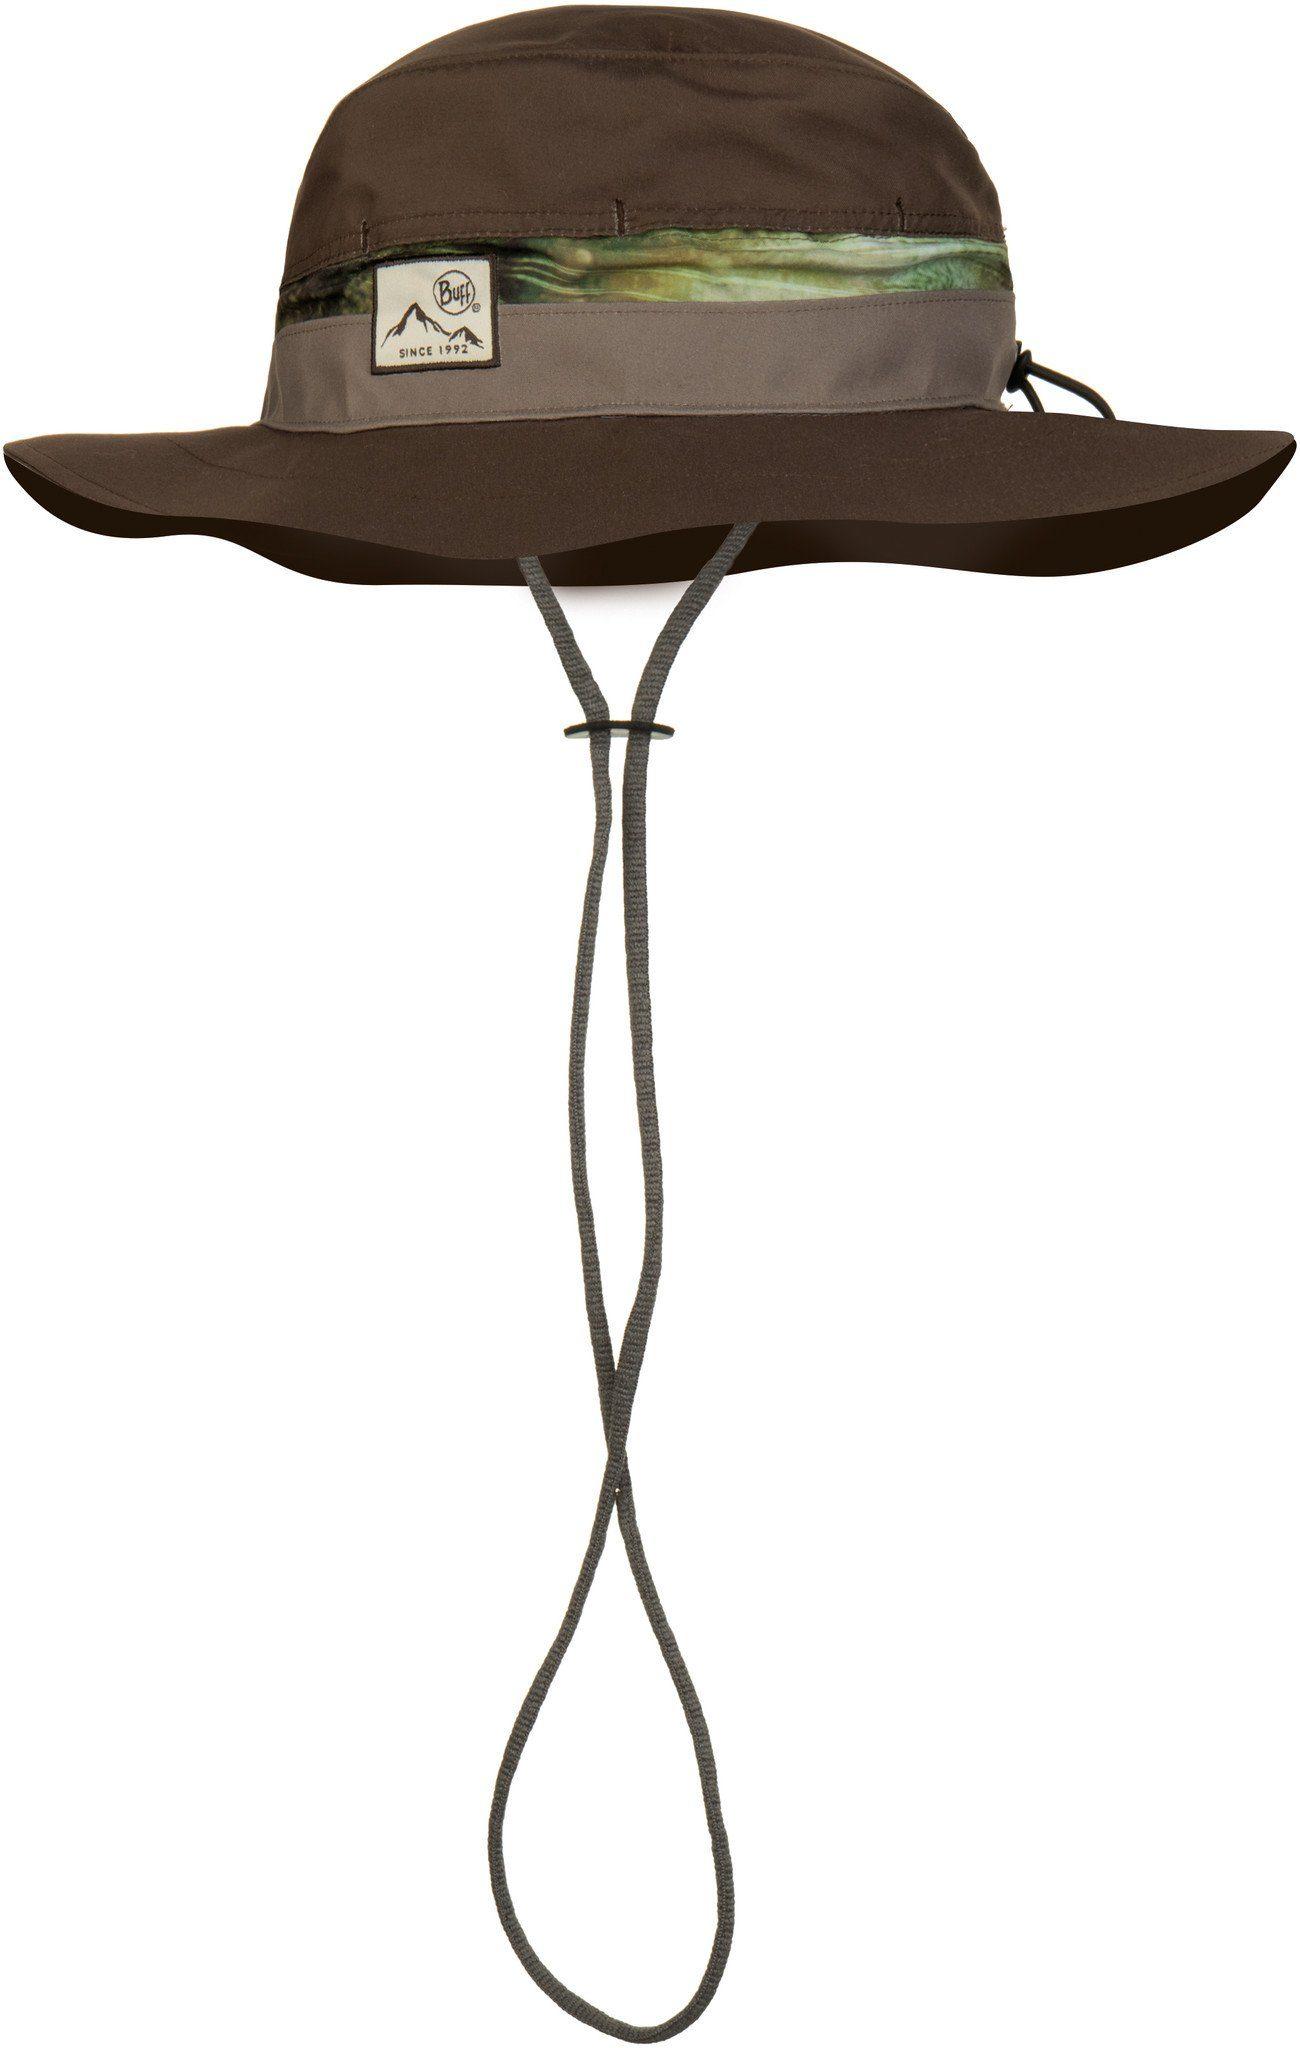 Buff Hut »Military Cap«, Modelljahr 2019 online kaufen | OTTO